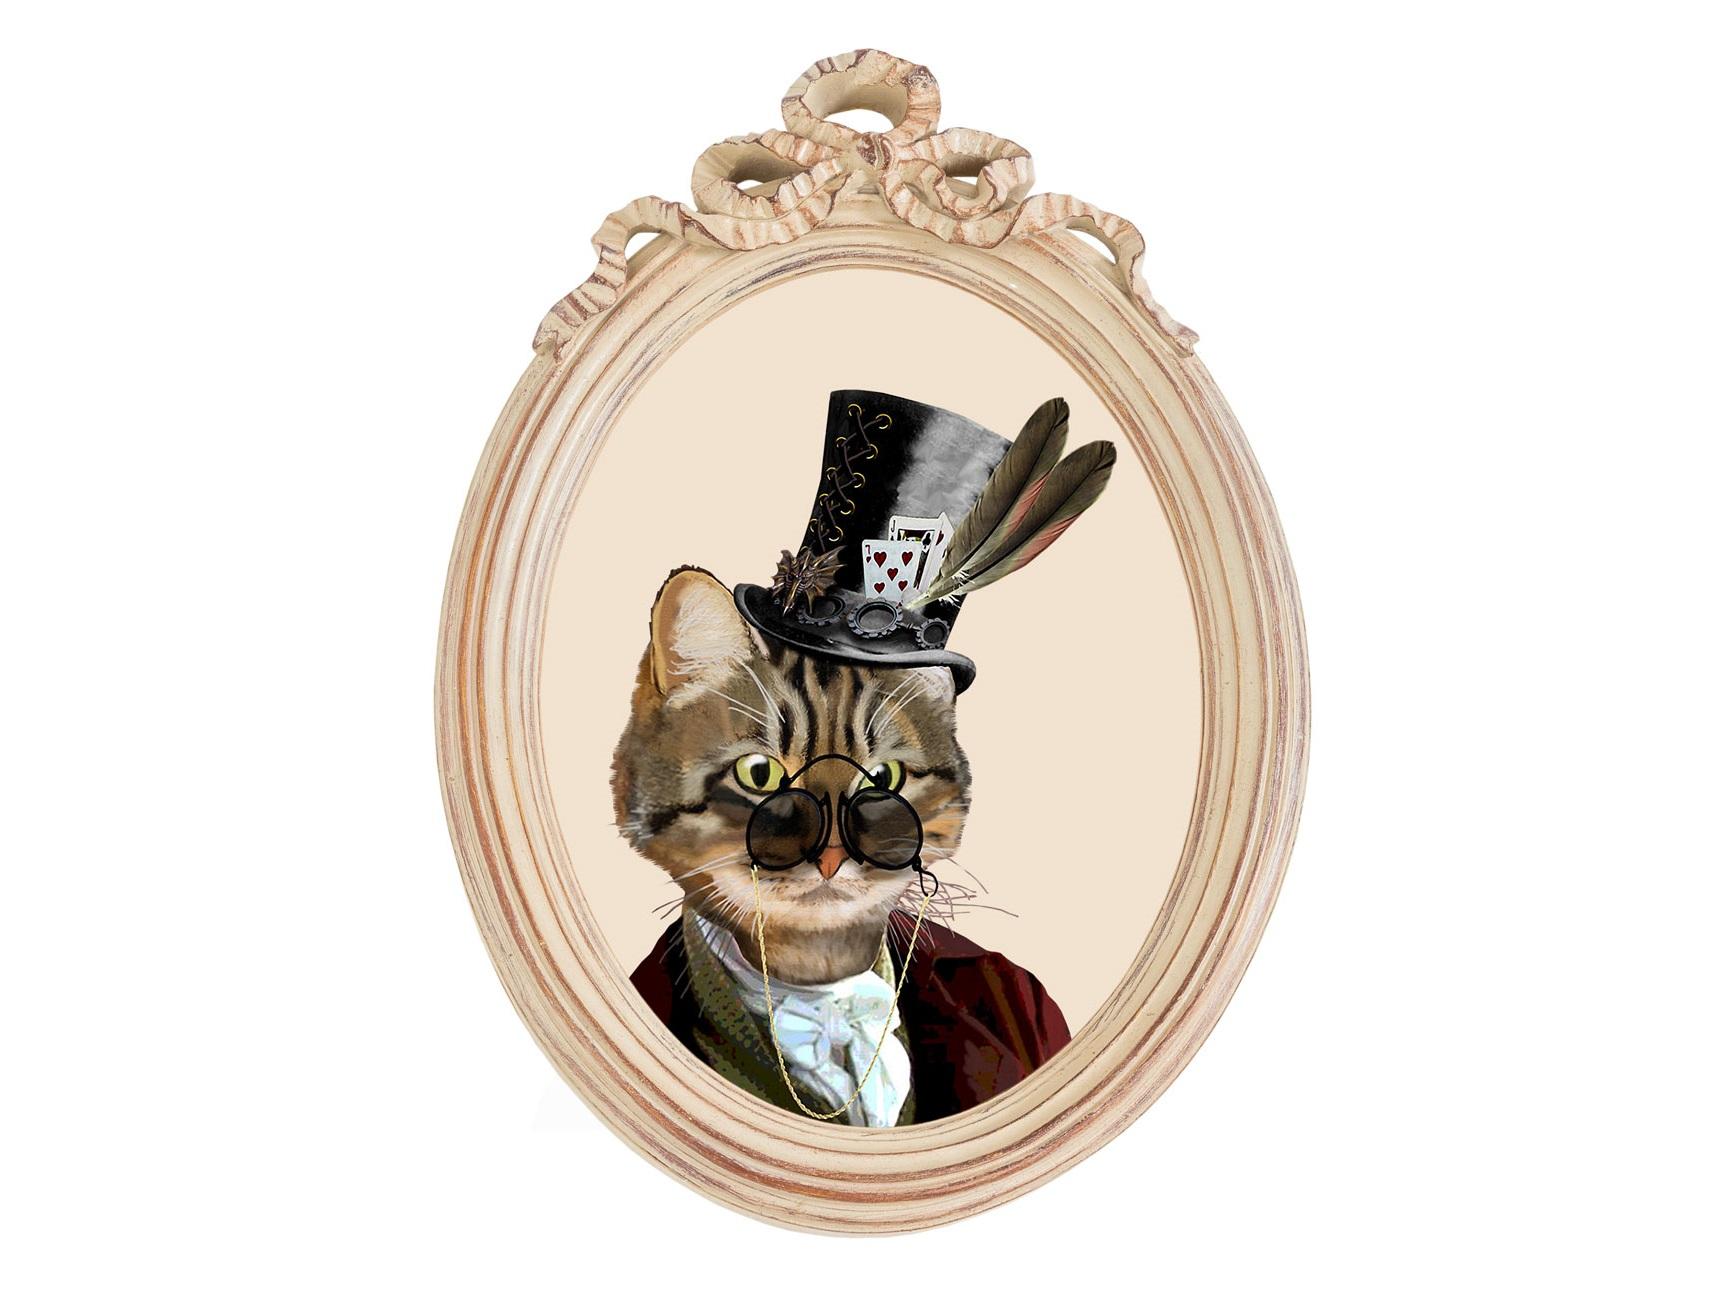 Репродукция гравюры «Мистер Кот» в раме «Бернадетт»Картины<br>Образ этого хвостатого господина, без сомнения, навеян Чеширским Котом из «Алисы в стране чудес». Образ дополняют наряд лондонского денди, огромное пенсне и высокий цилиндр, которому позавидовал бы и Шляпник. Рисунок выполнен в технике гравюры и отпечатан на холсте. Финальный штрих – винтажная овальная рама-медальон «Бернадетт». Такая репродукция добавит любому классическому интерьеру пикантности и немного юмора.<br><br>Material: Полистоун<br>Width см: 30,5<br>Depth см: 4,3<br>Height см: 43